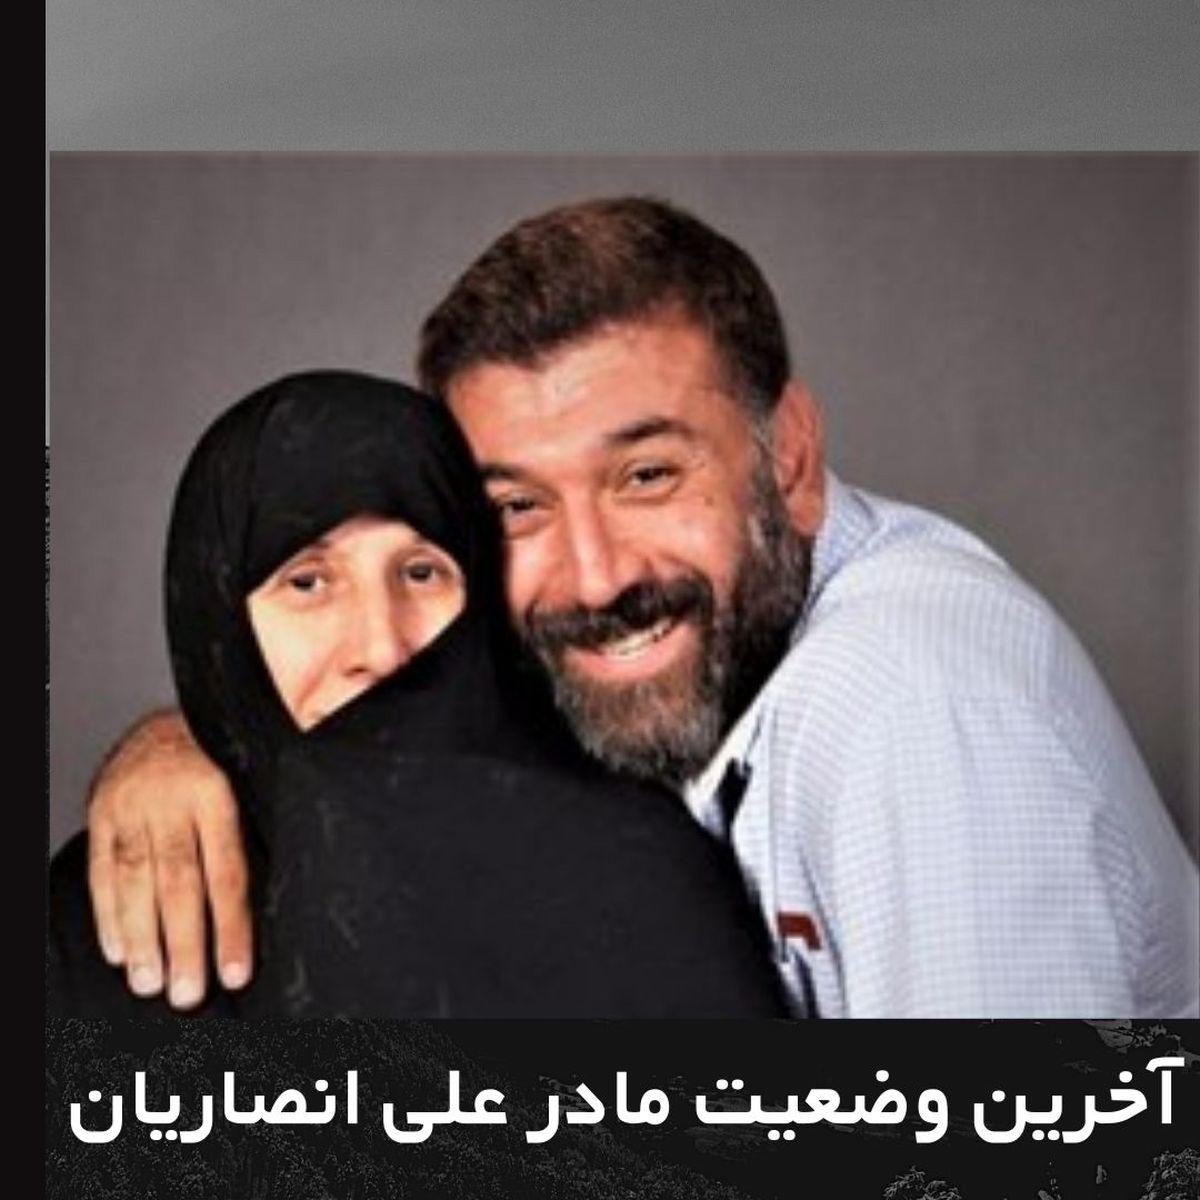 آخرین اخبار از حال مادر علی انصاریان در بیمارستان + عکس